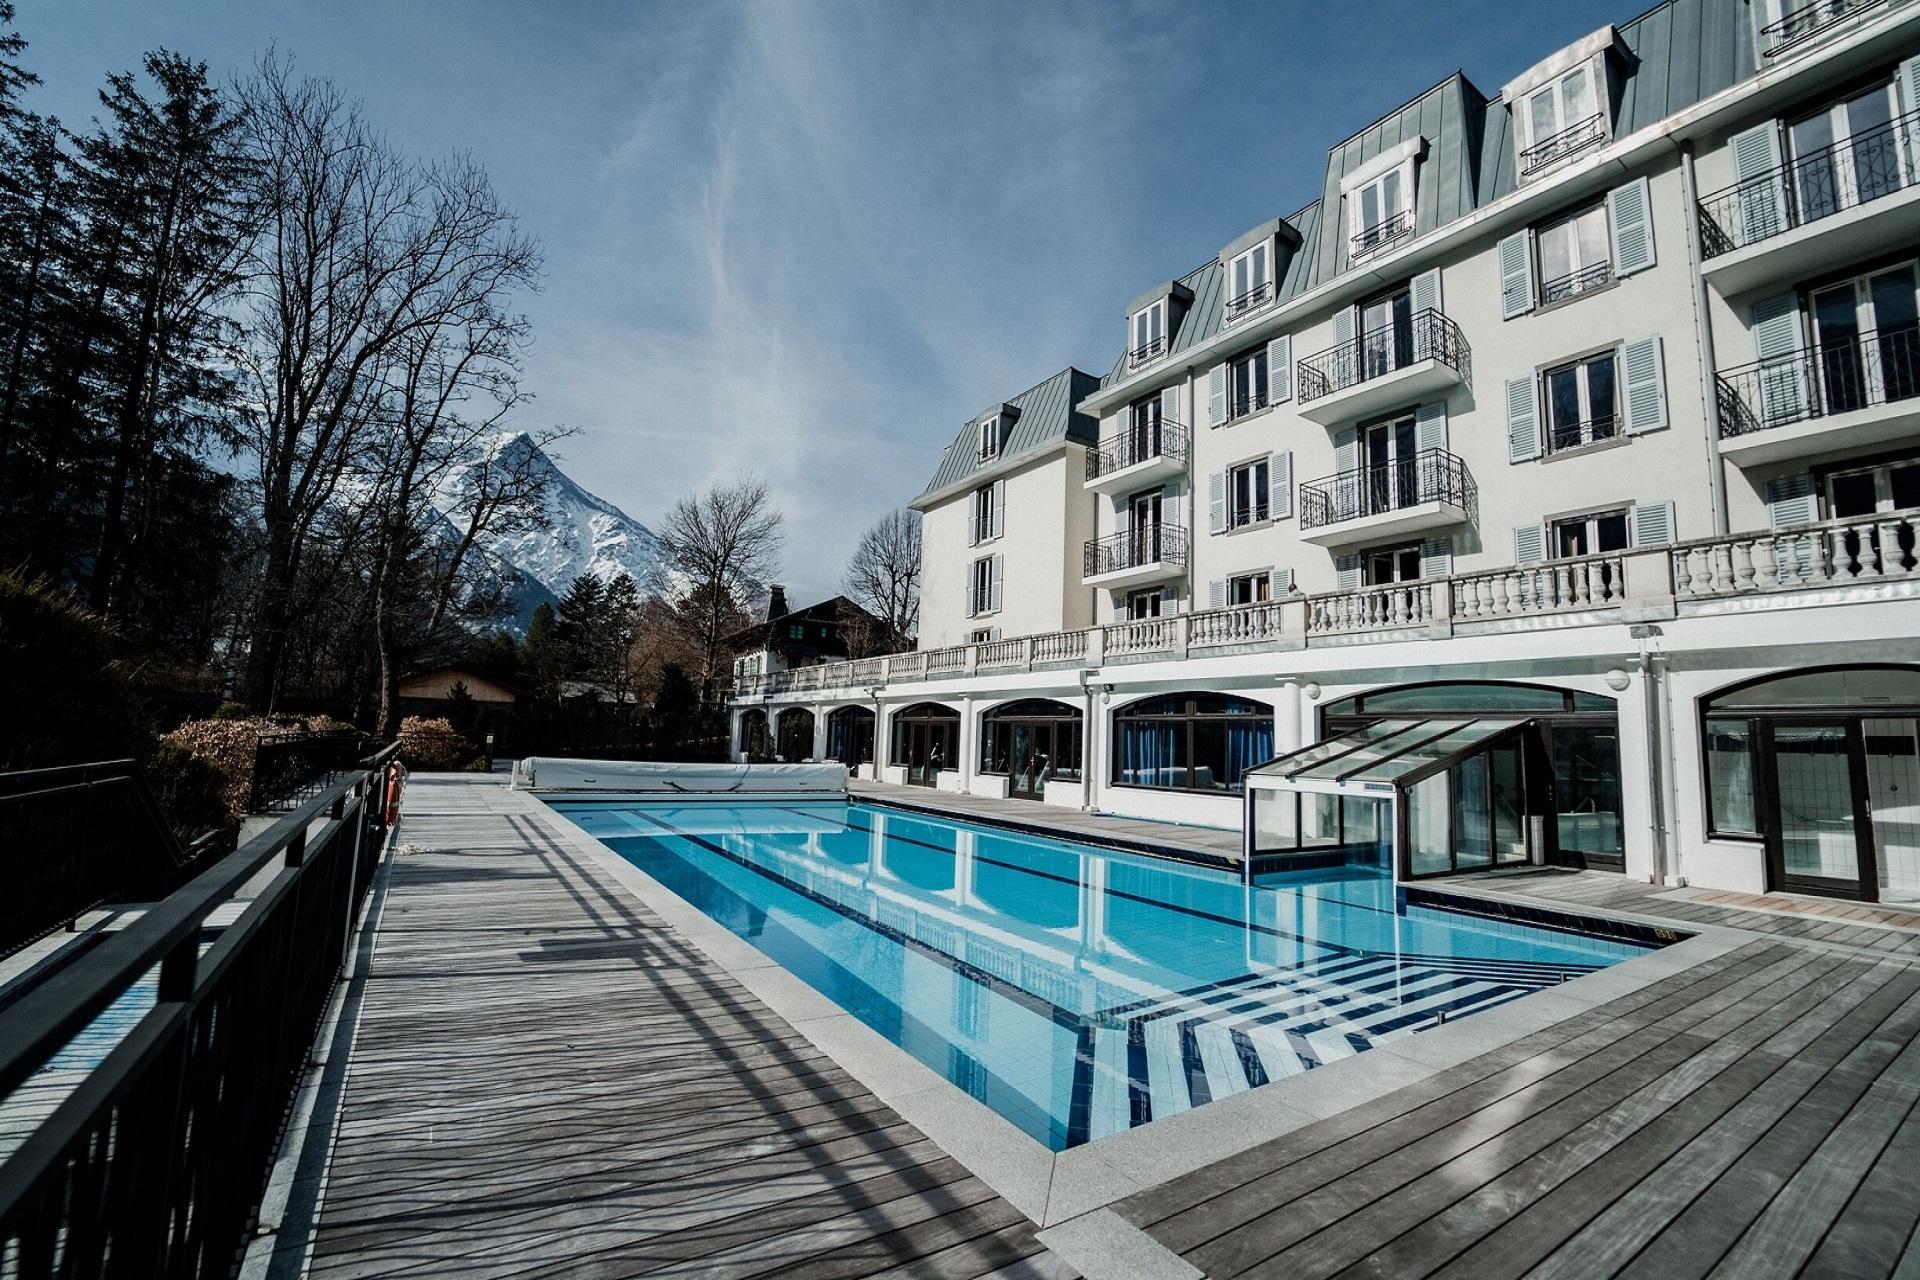 la-folie-douce-hotel-piscine-chamonix-montblanc-seminaires-de-caractere